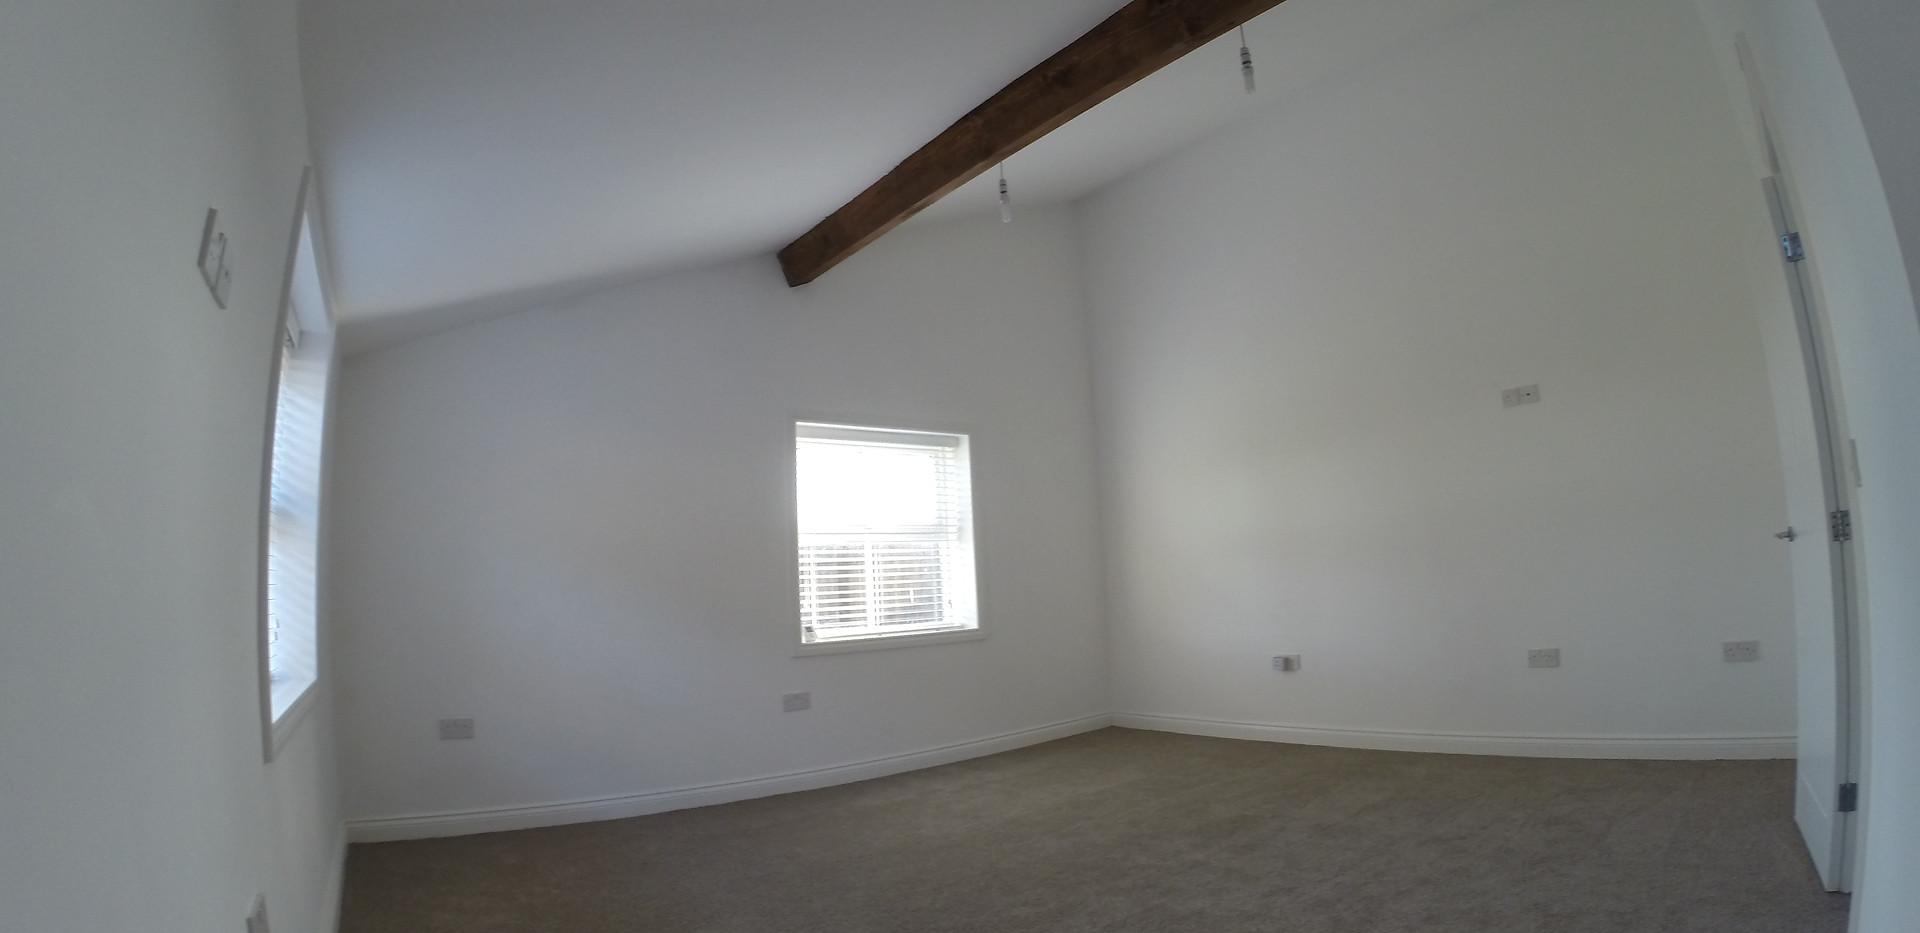 The Brock - Bedroom